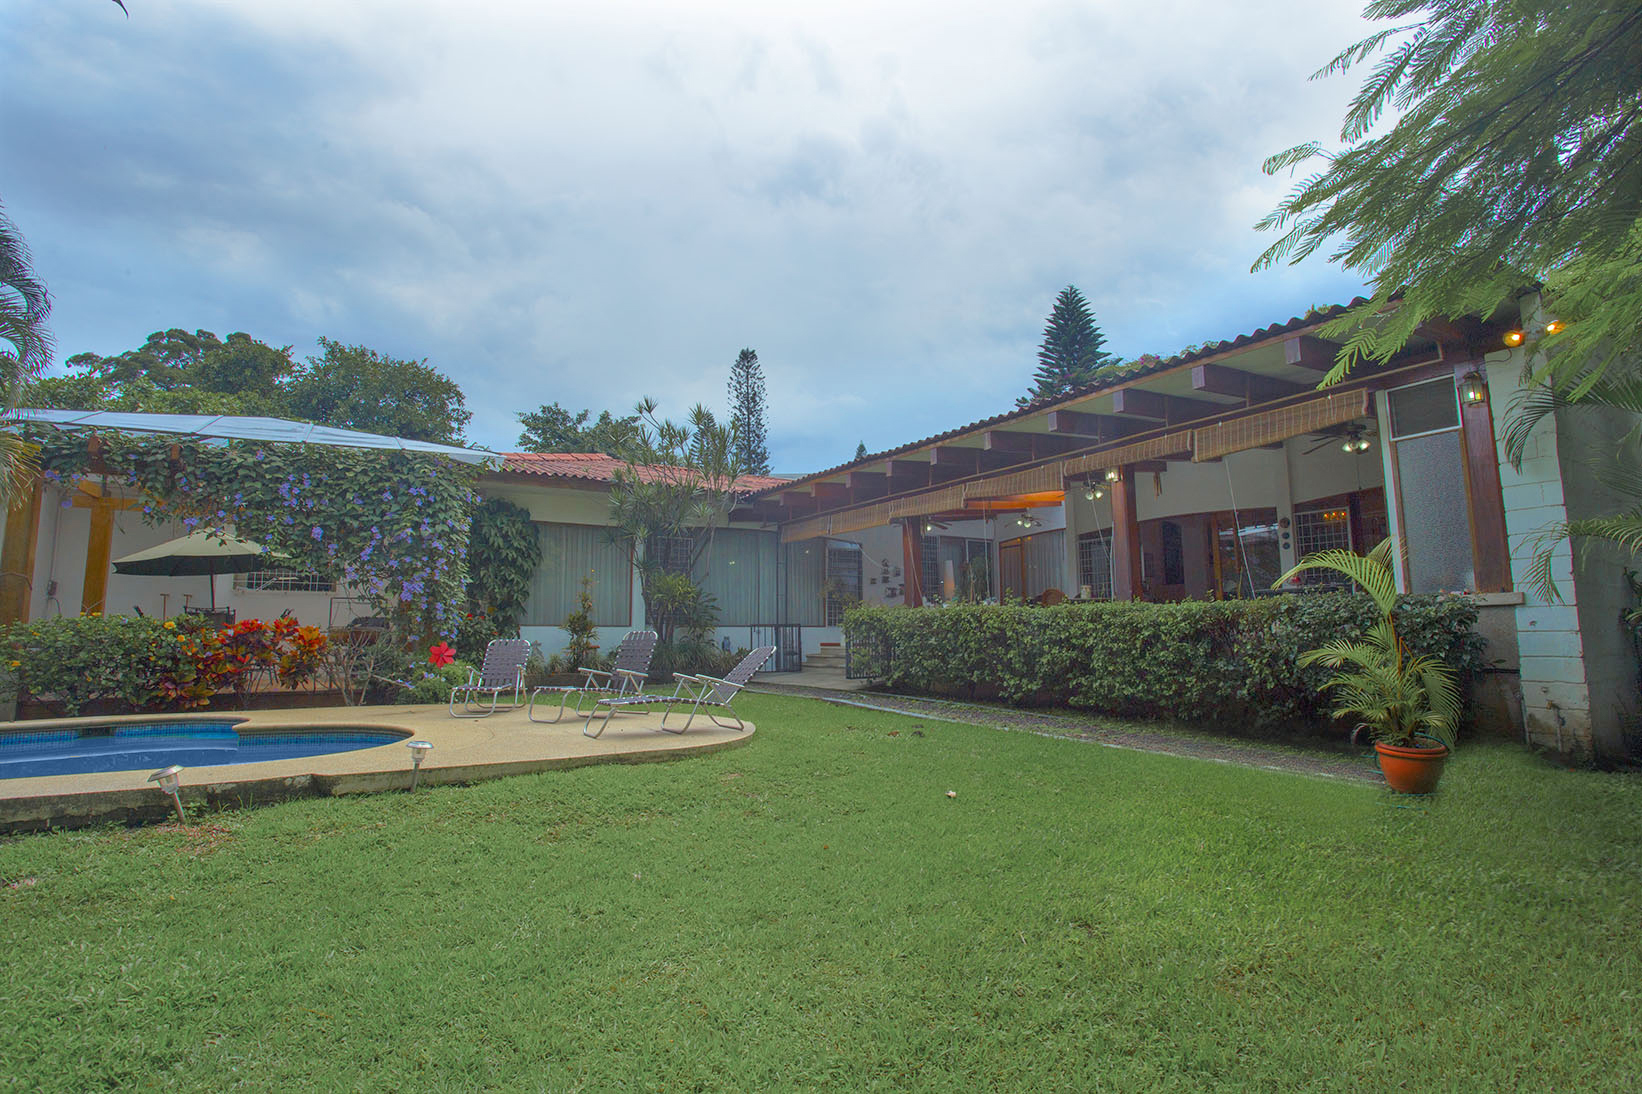 Частный односемейный дом для того Продажа на Pool Residence in Escazu Escazu, Сан-Хосе, Коста-Рика